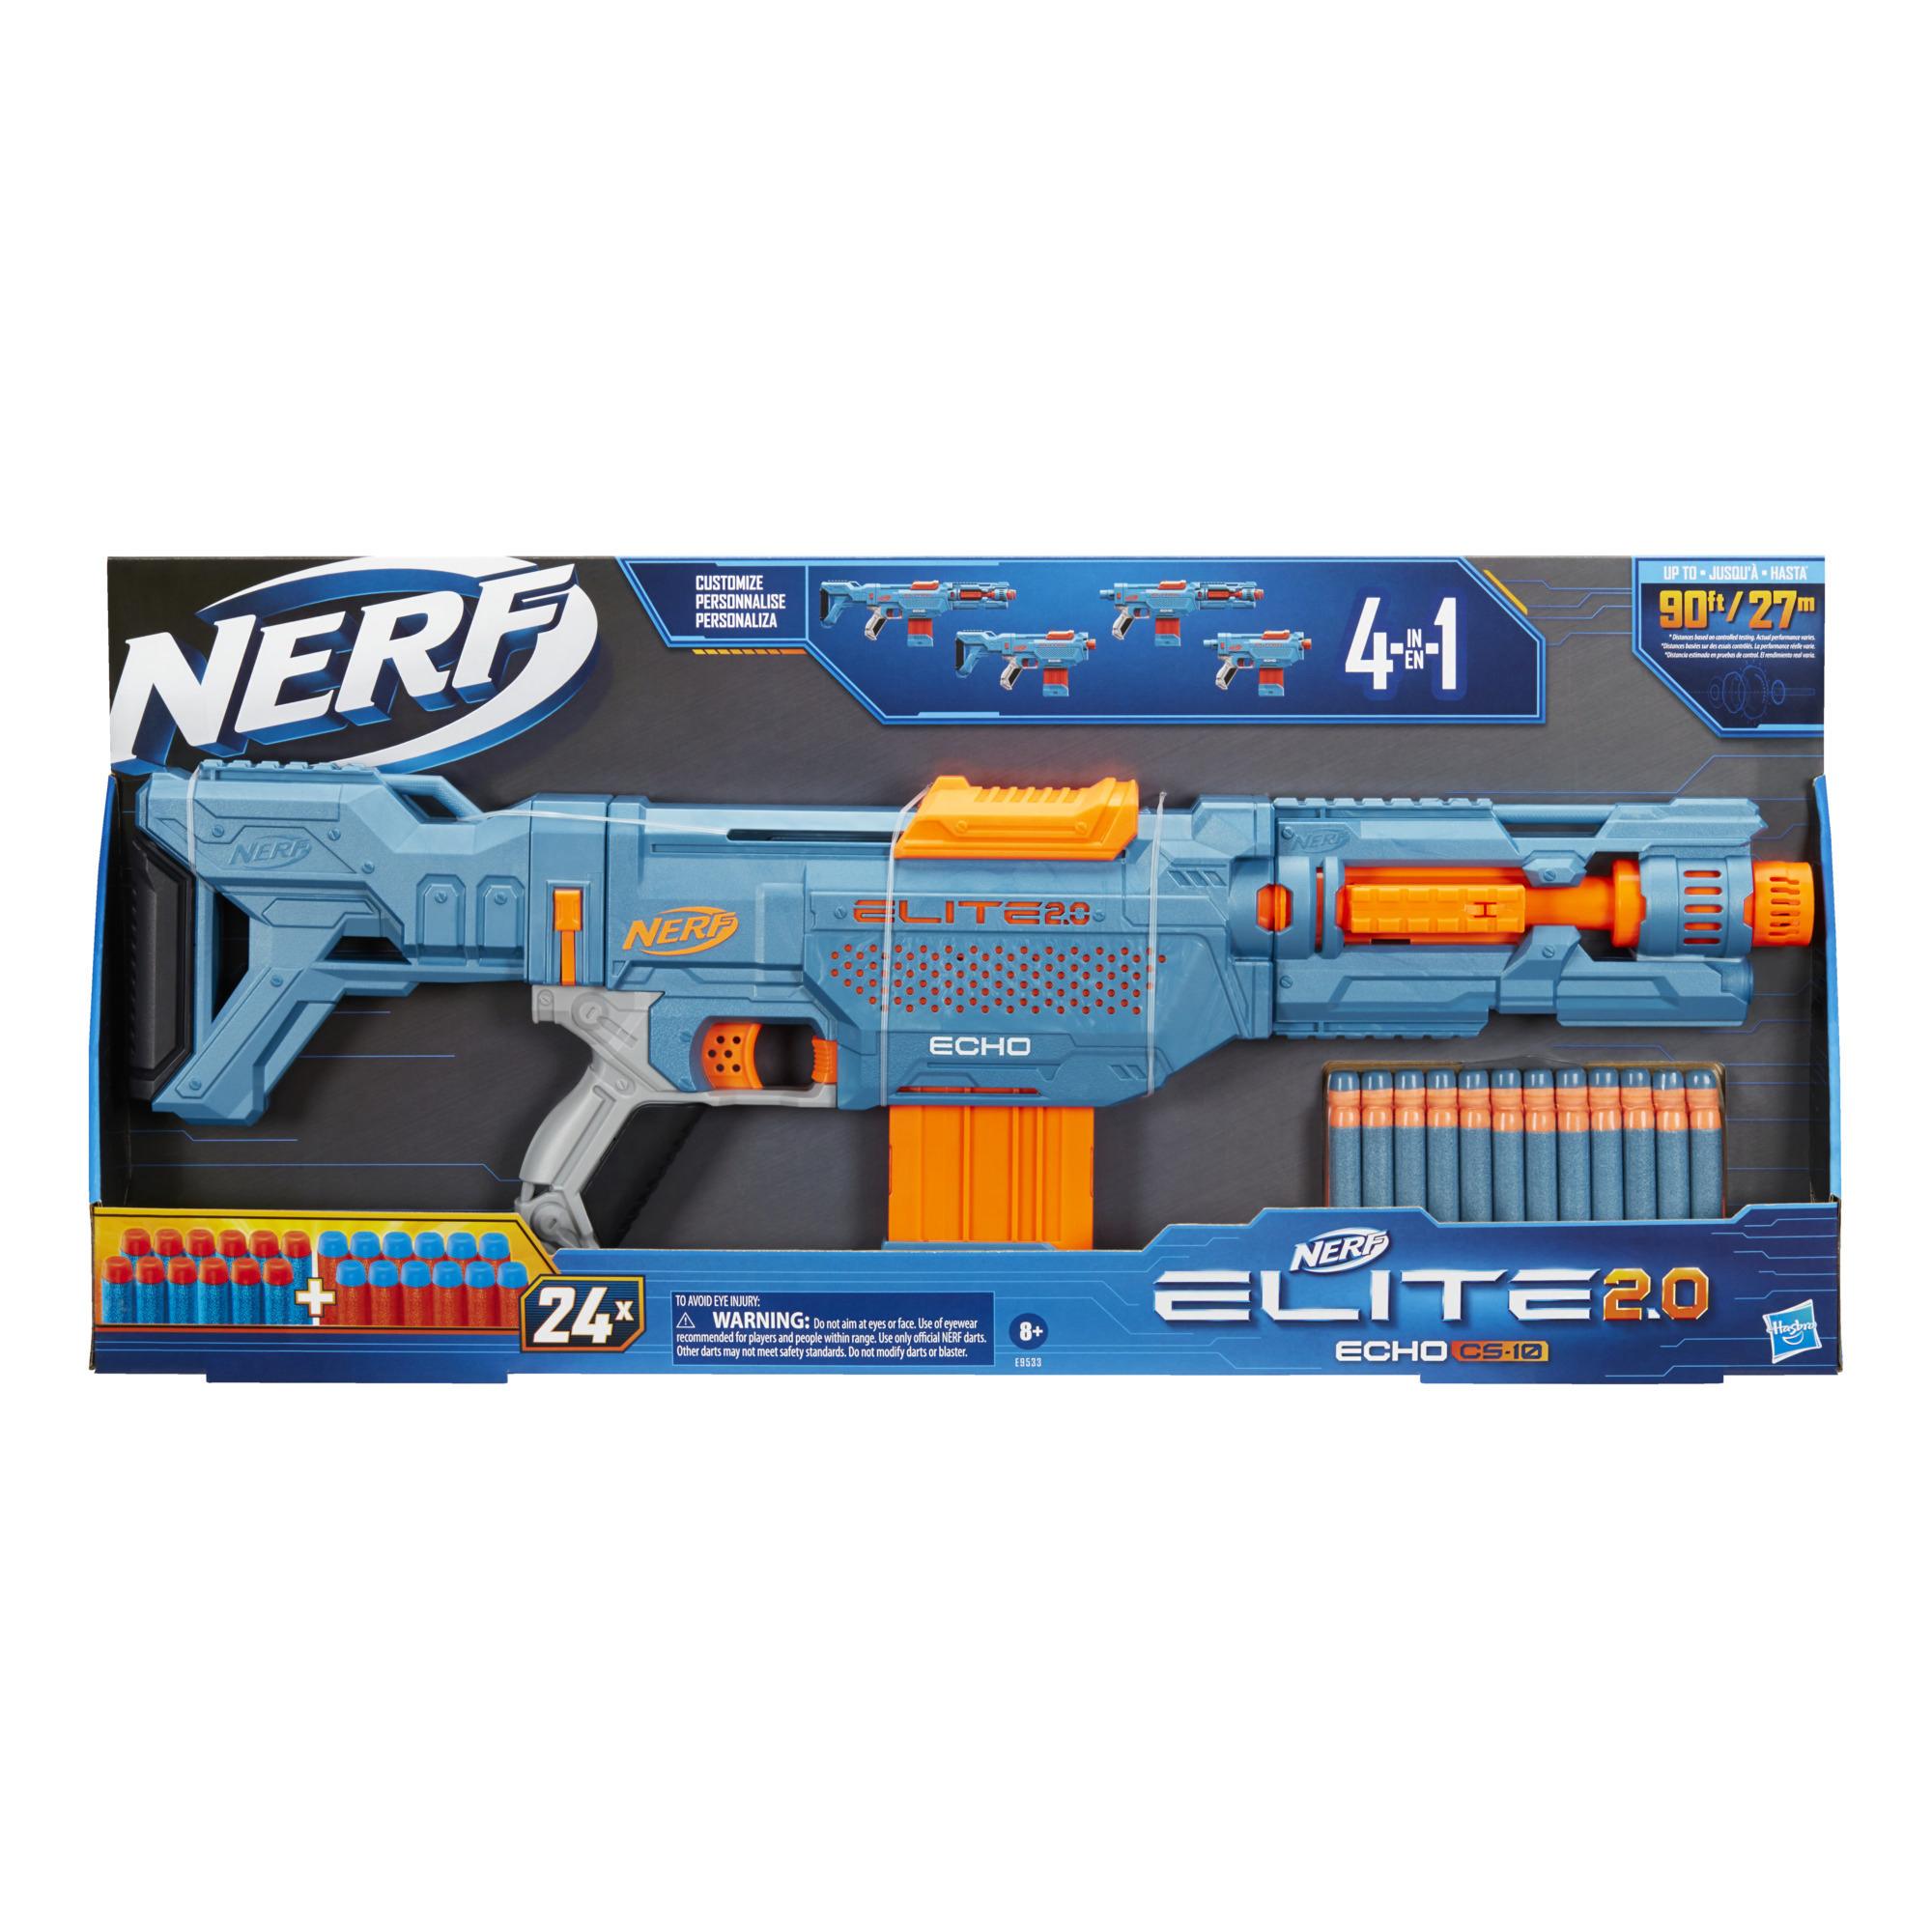 Nerf Elite 2.0 Echo CS-10-blaster, 24 Nerf-darts, magazijn voor 10 darts, afneembare schoudersteun en loopverlenger, 4 tactische rails